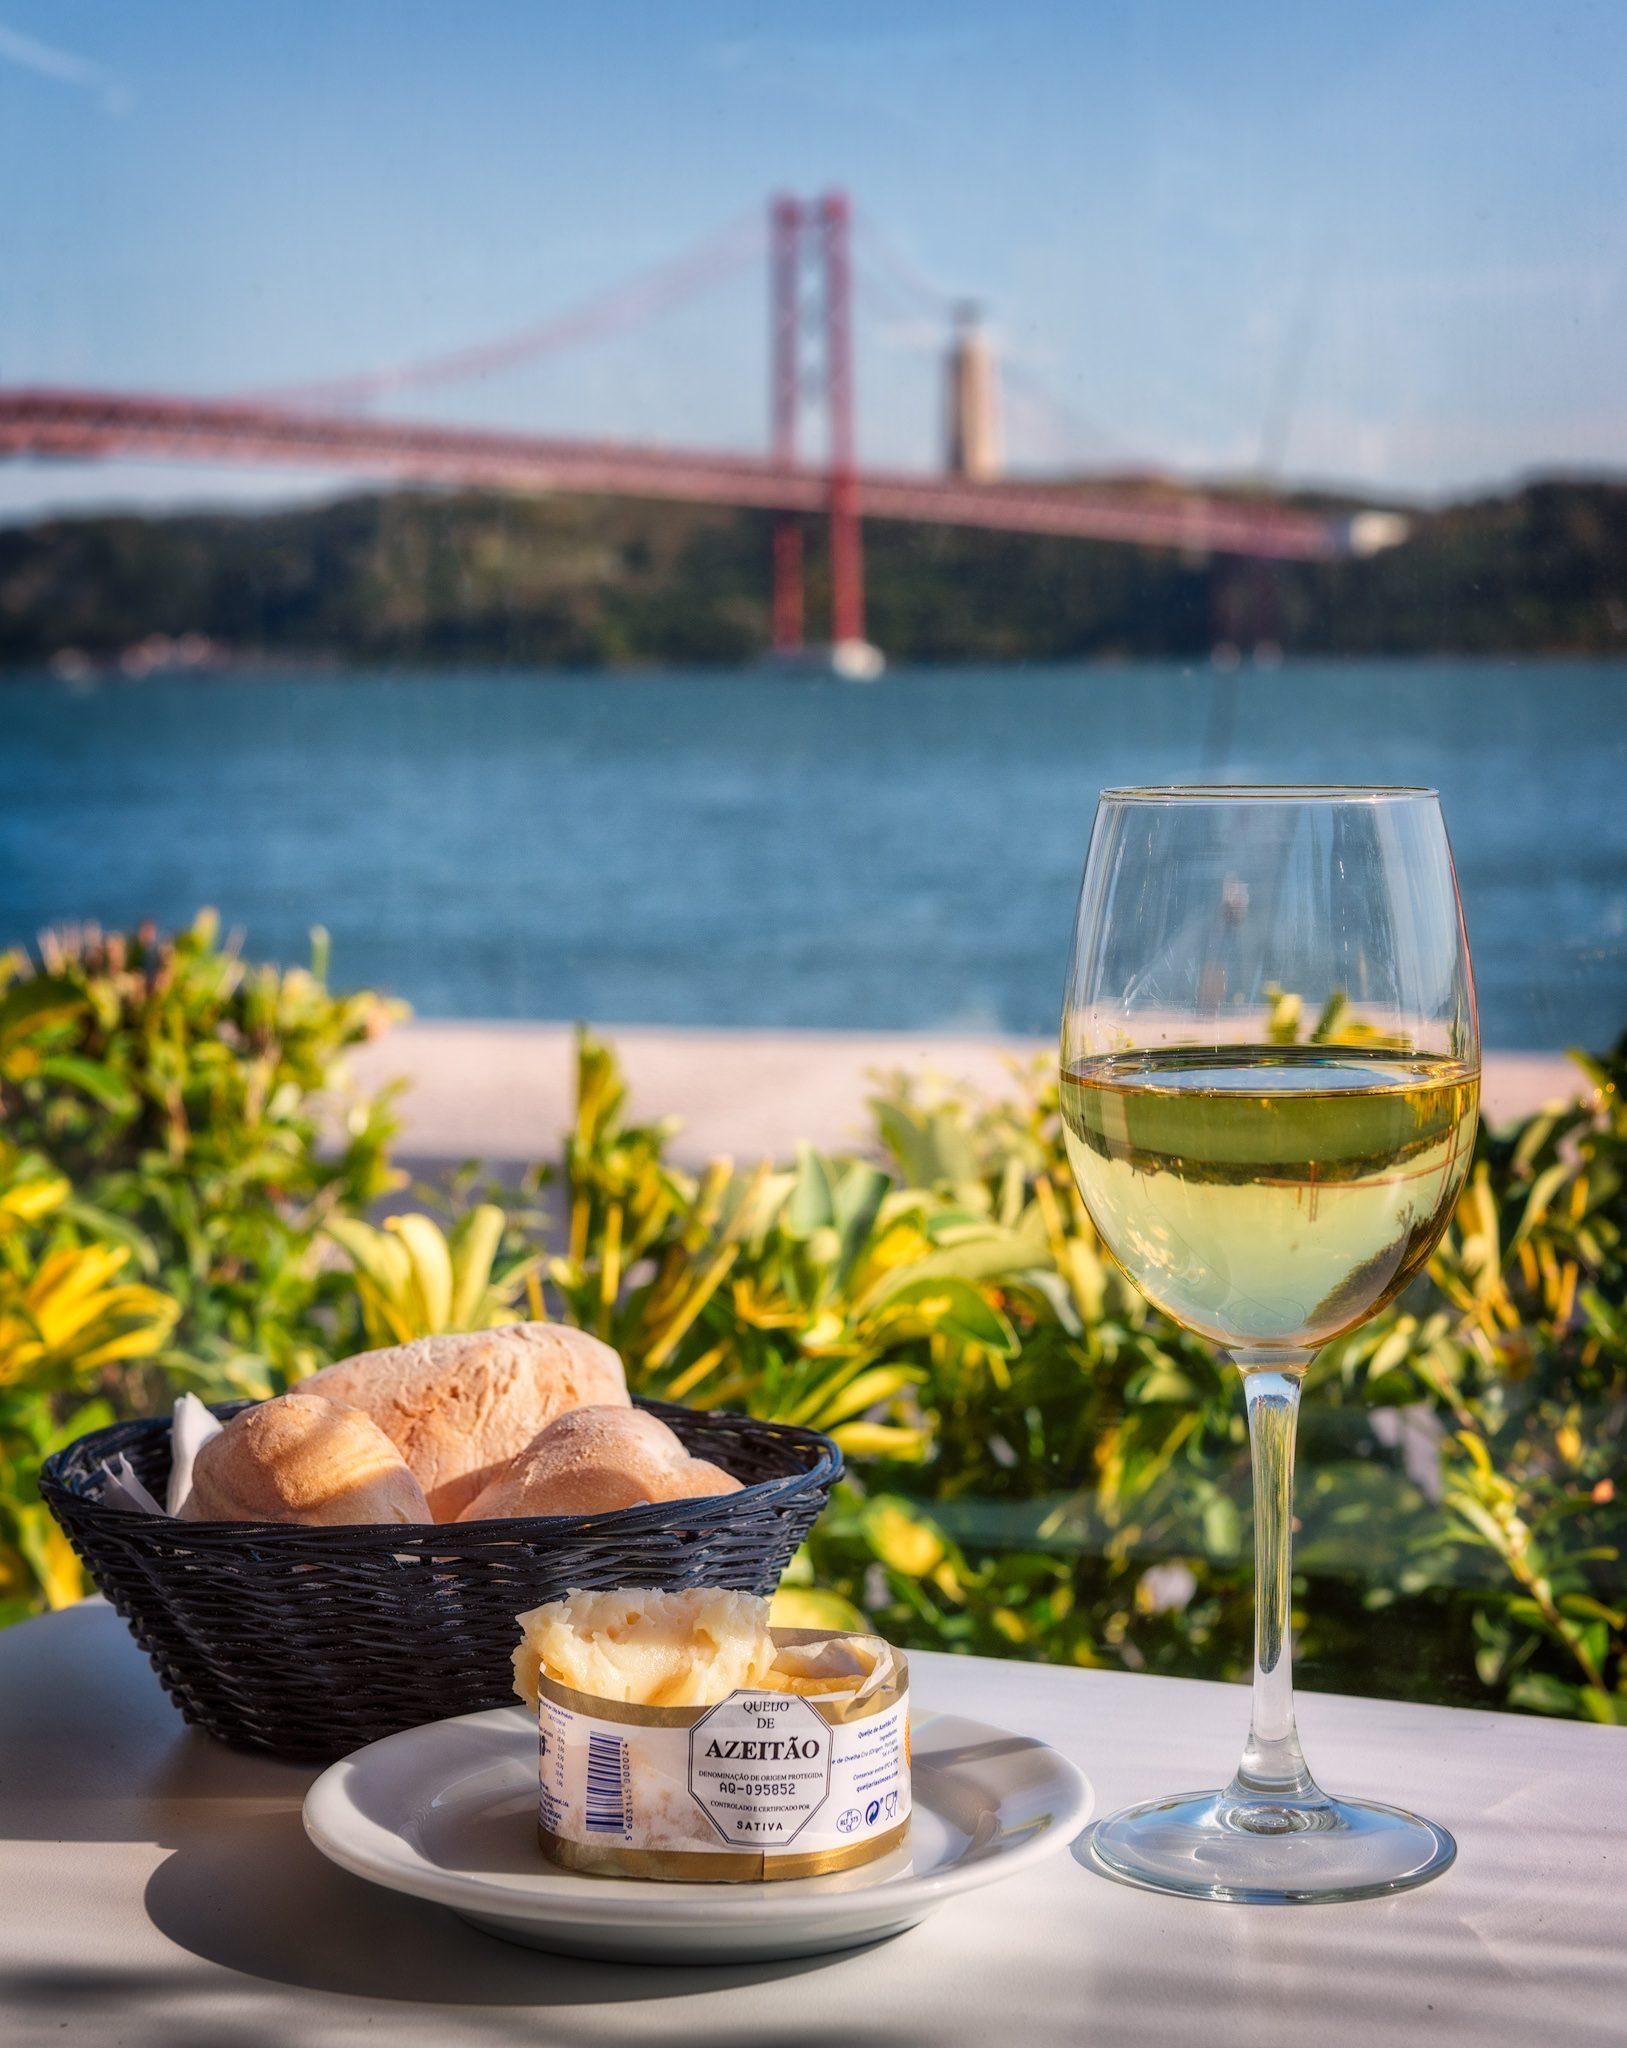 Lisbon - Queijo de Azeitão and Vinho Verde; Portugal